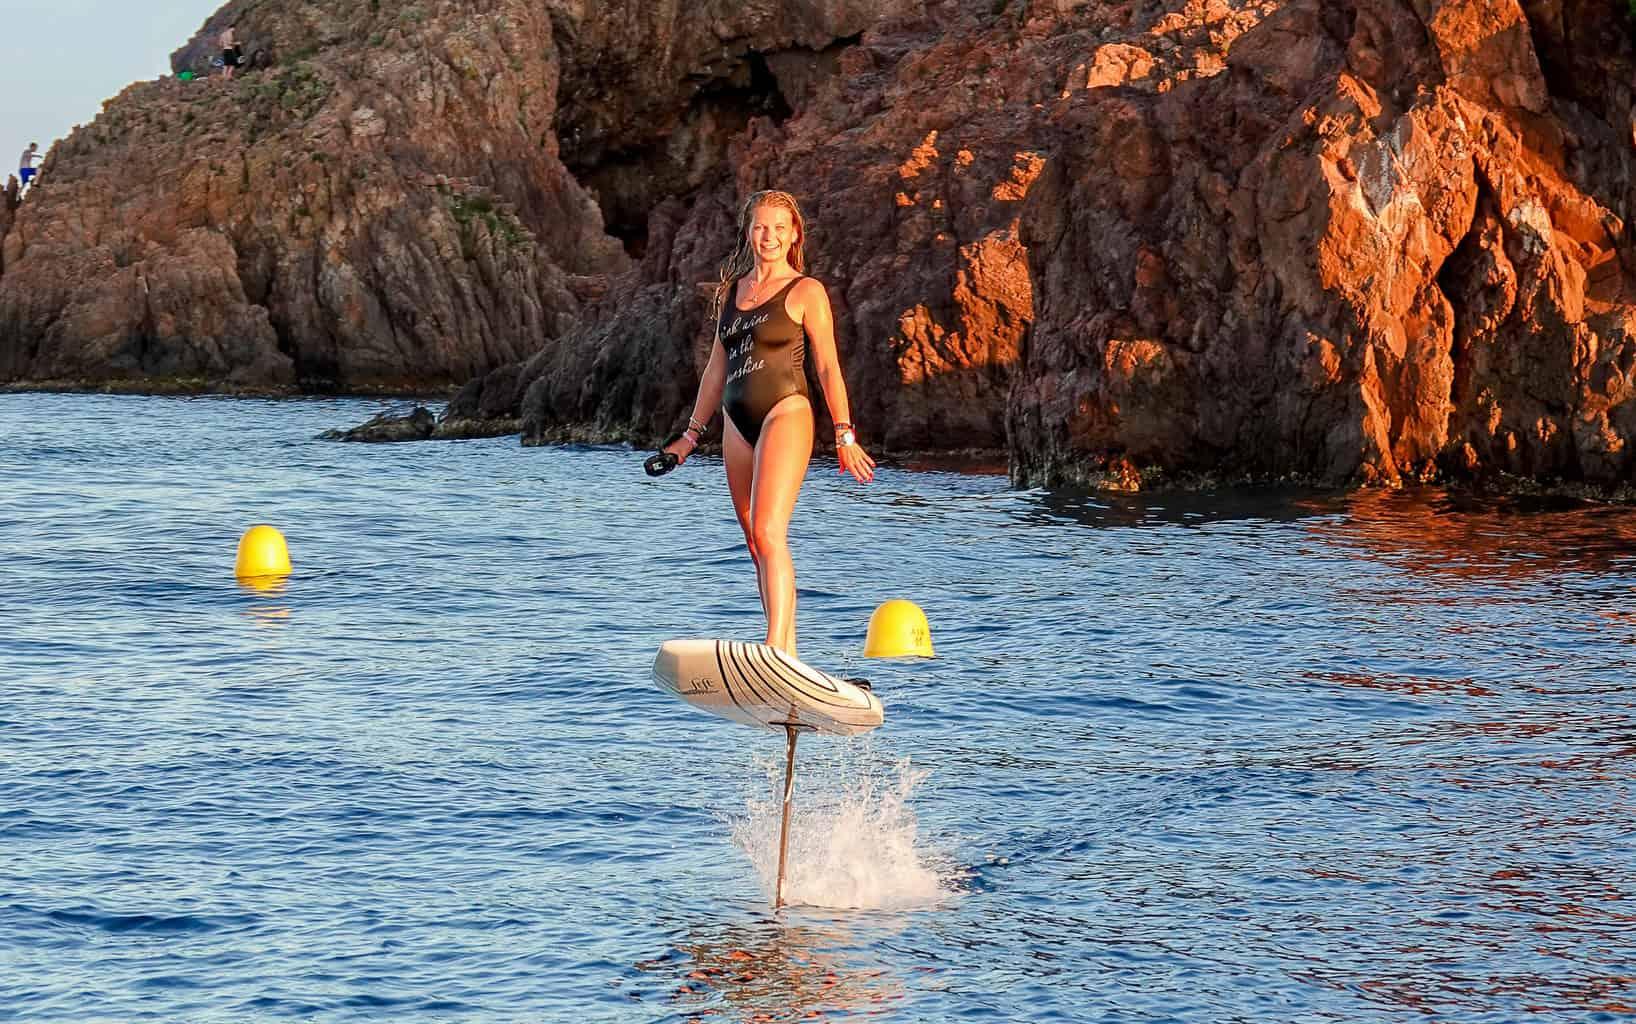 acheter un foil electrique en méditerranée